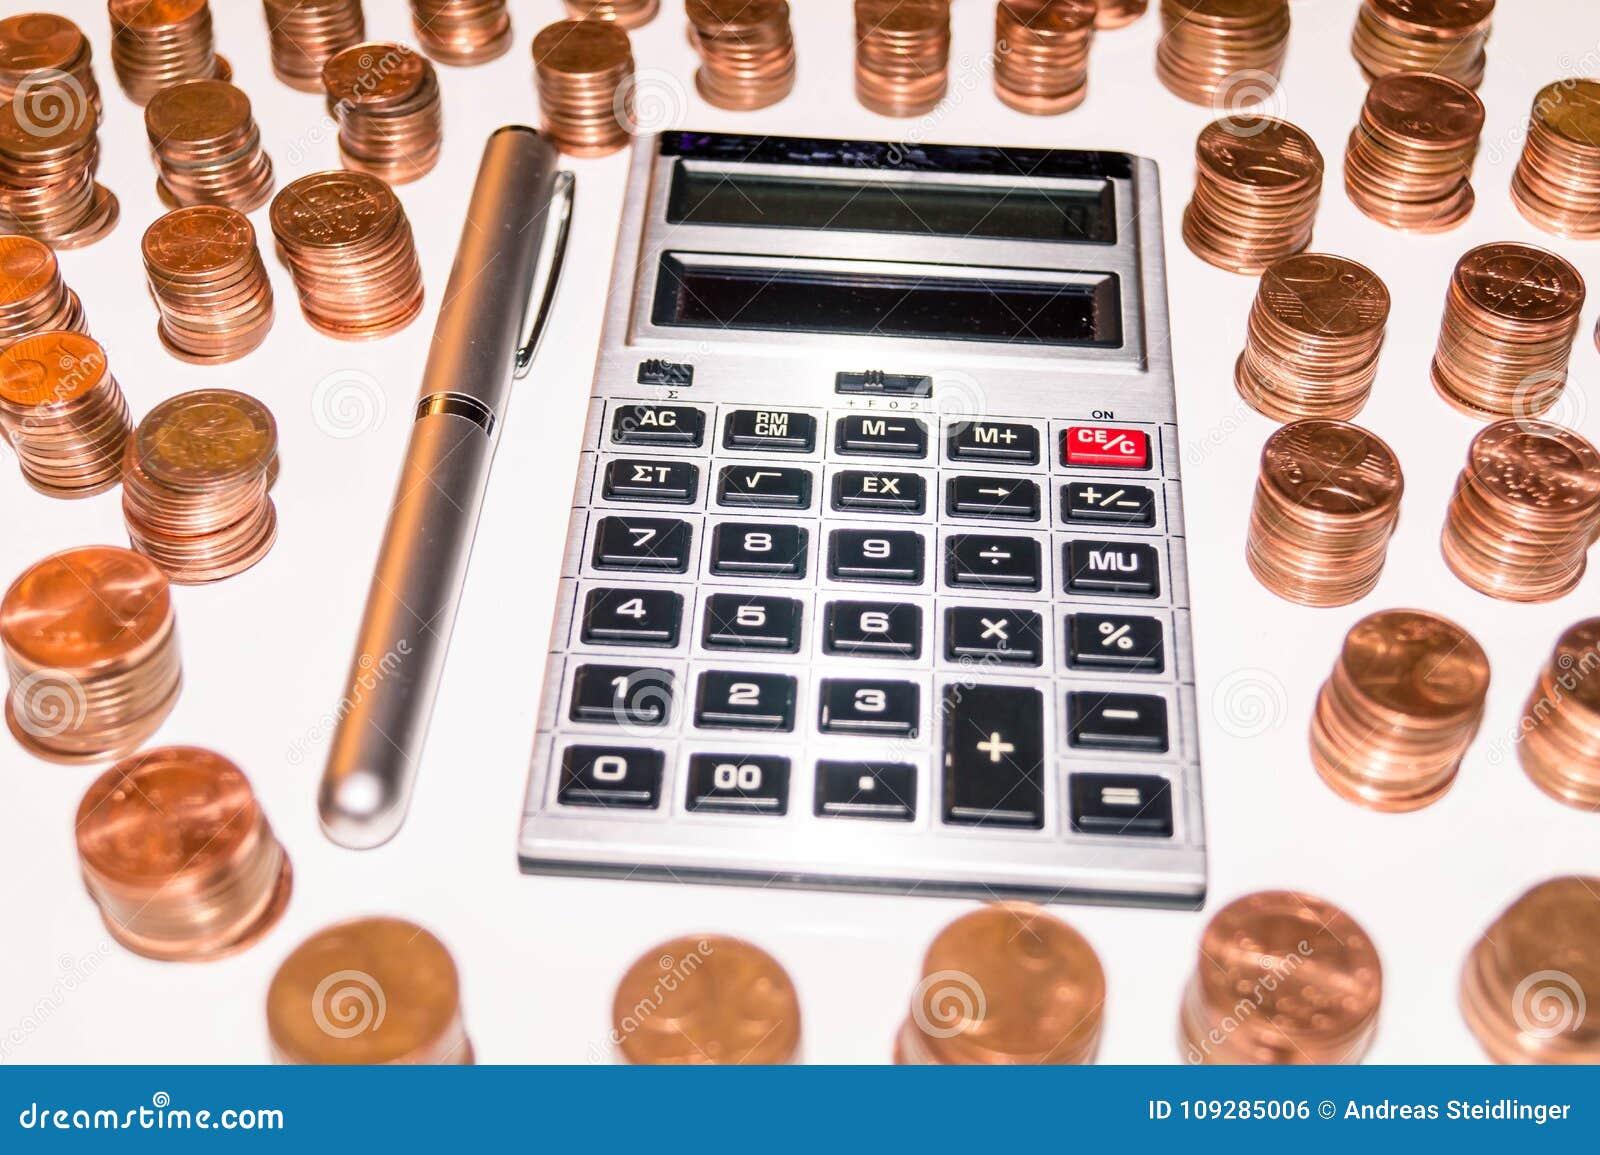 Om met alle kosten te berekenen